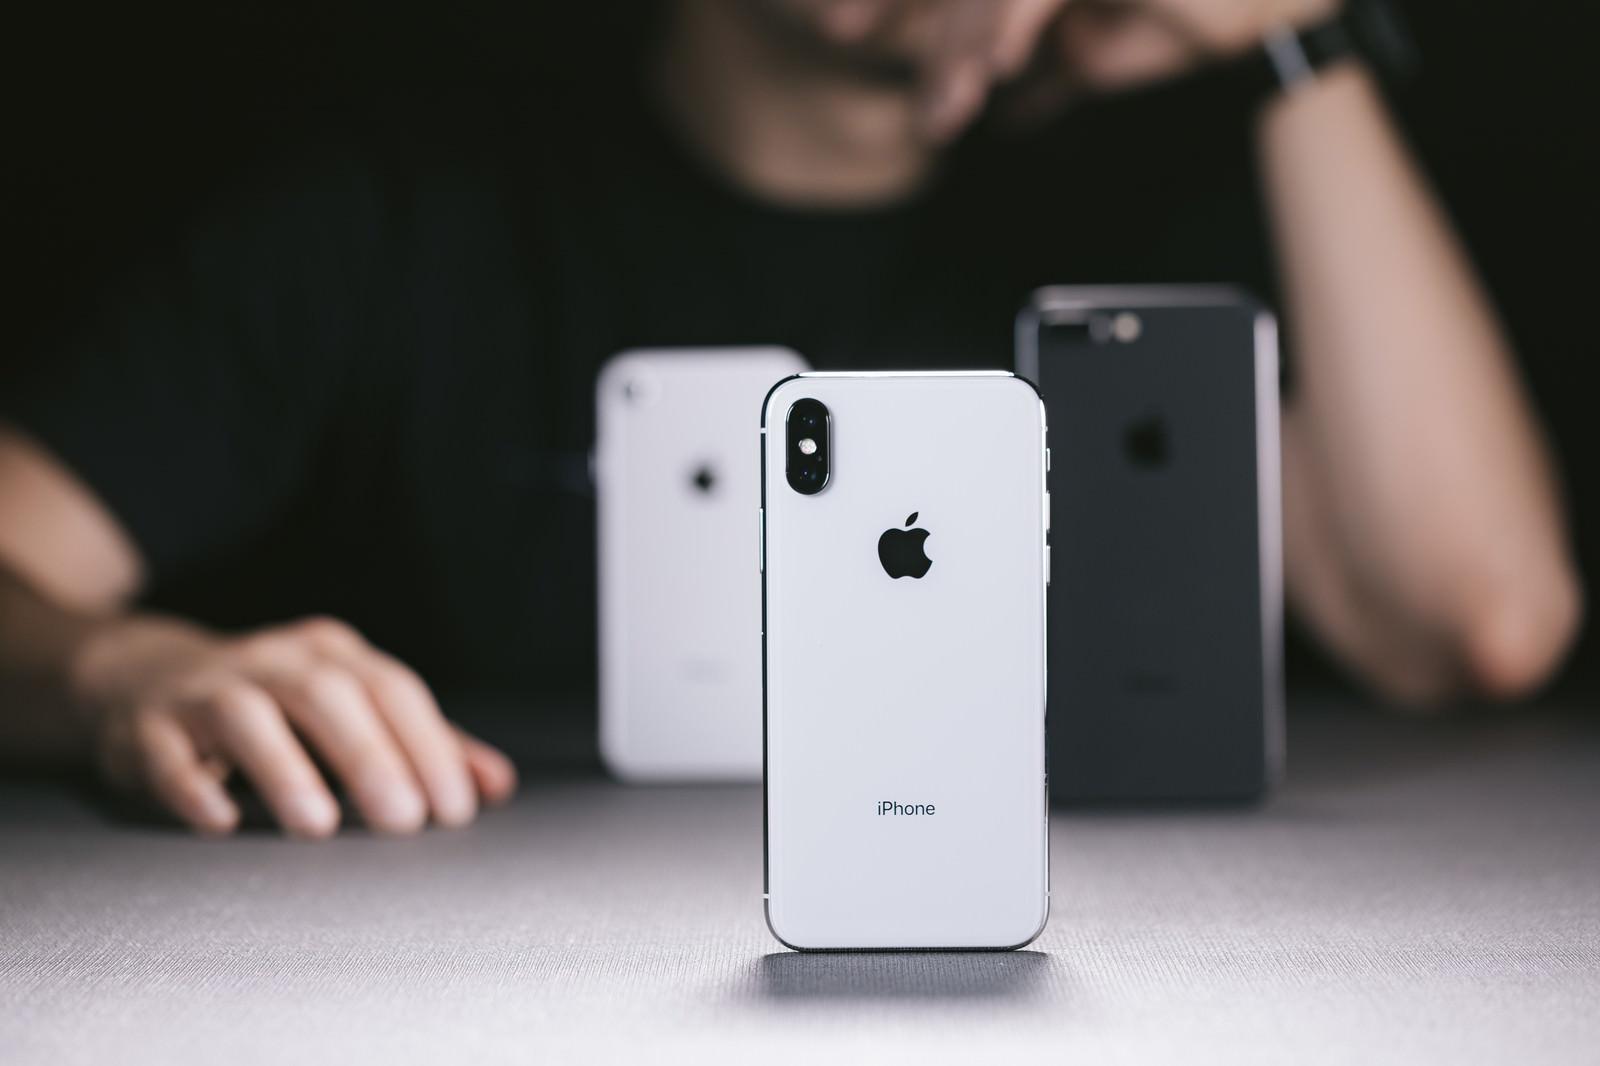 「iPhone X と iPhone 8 を並べて考える男性」の写真